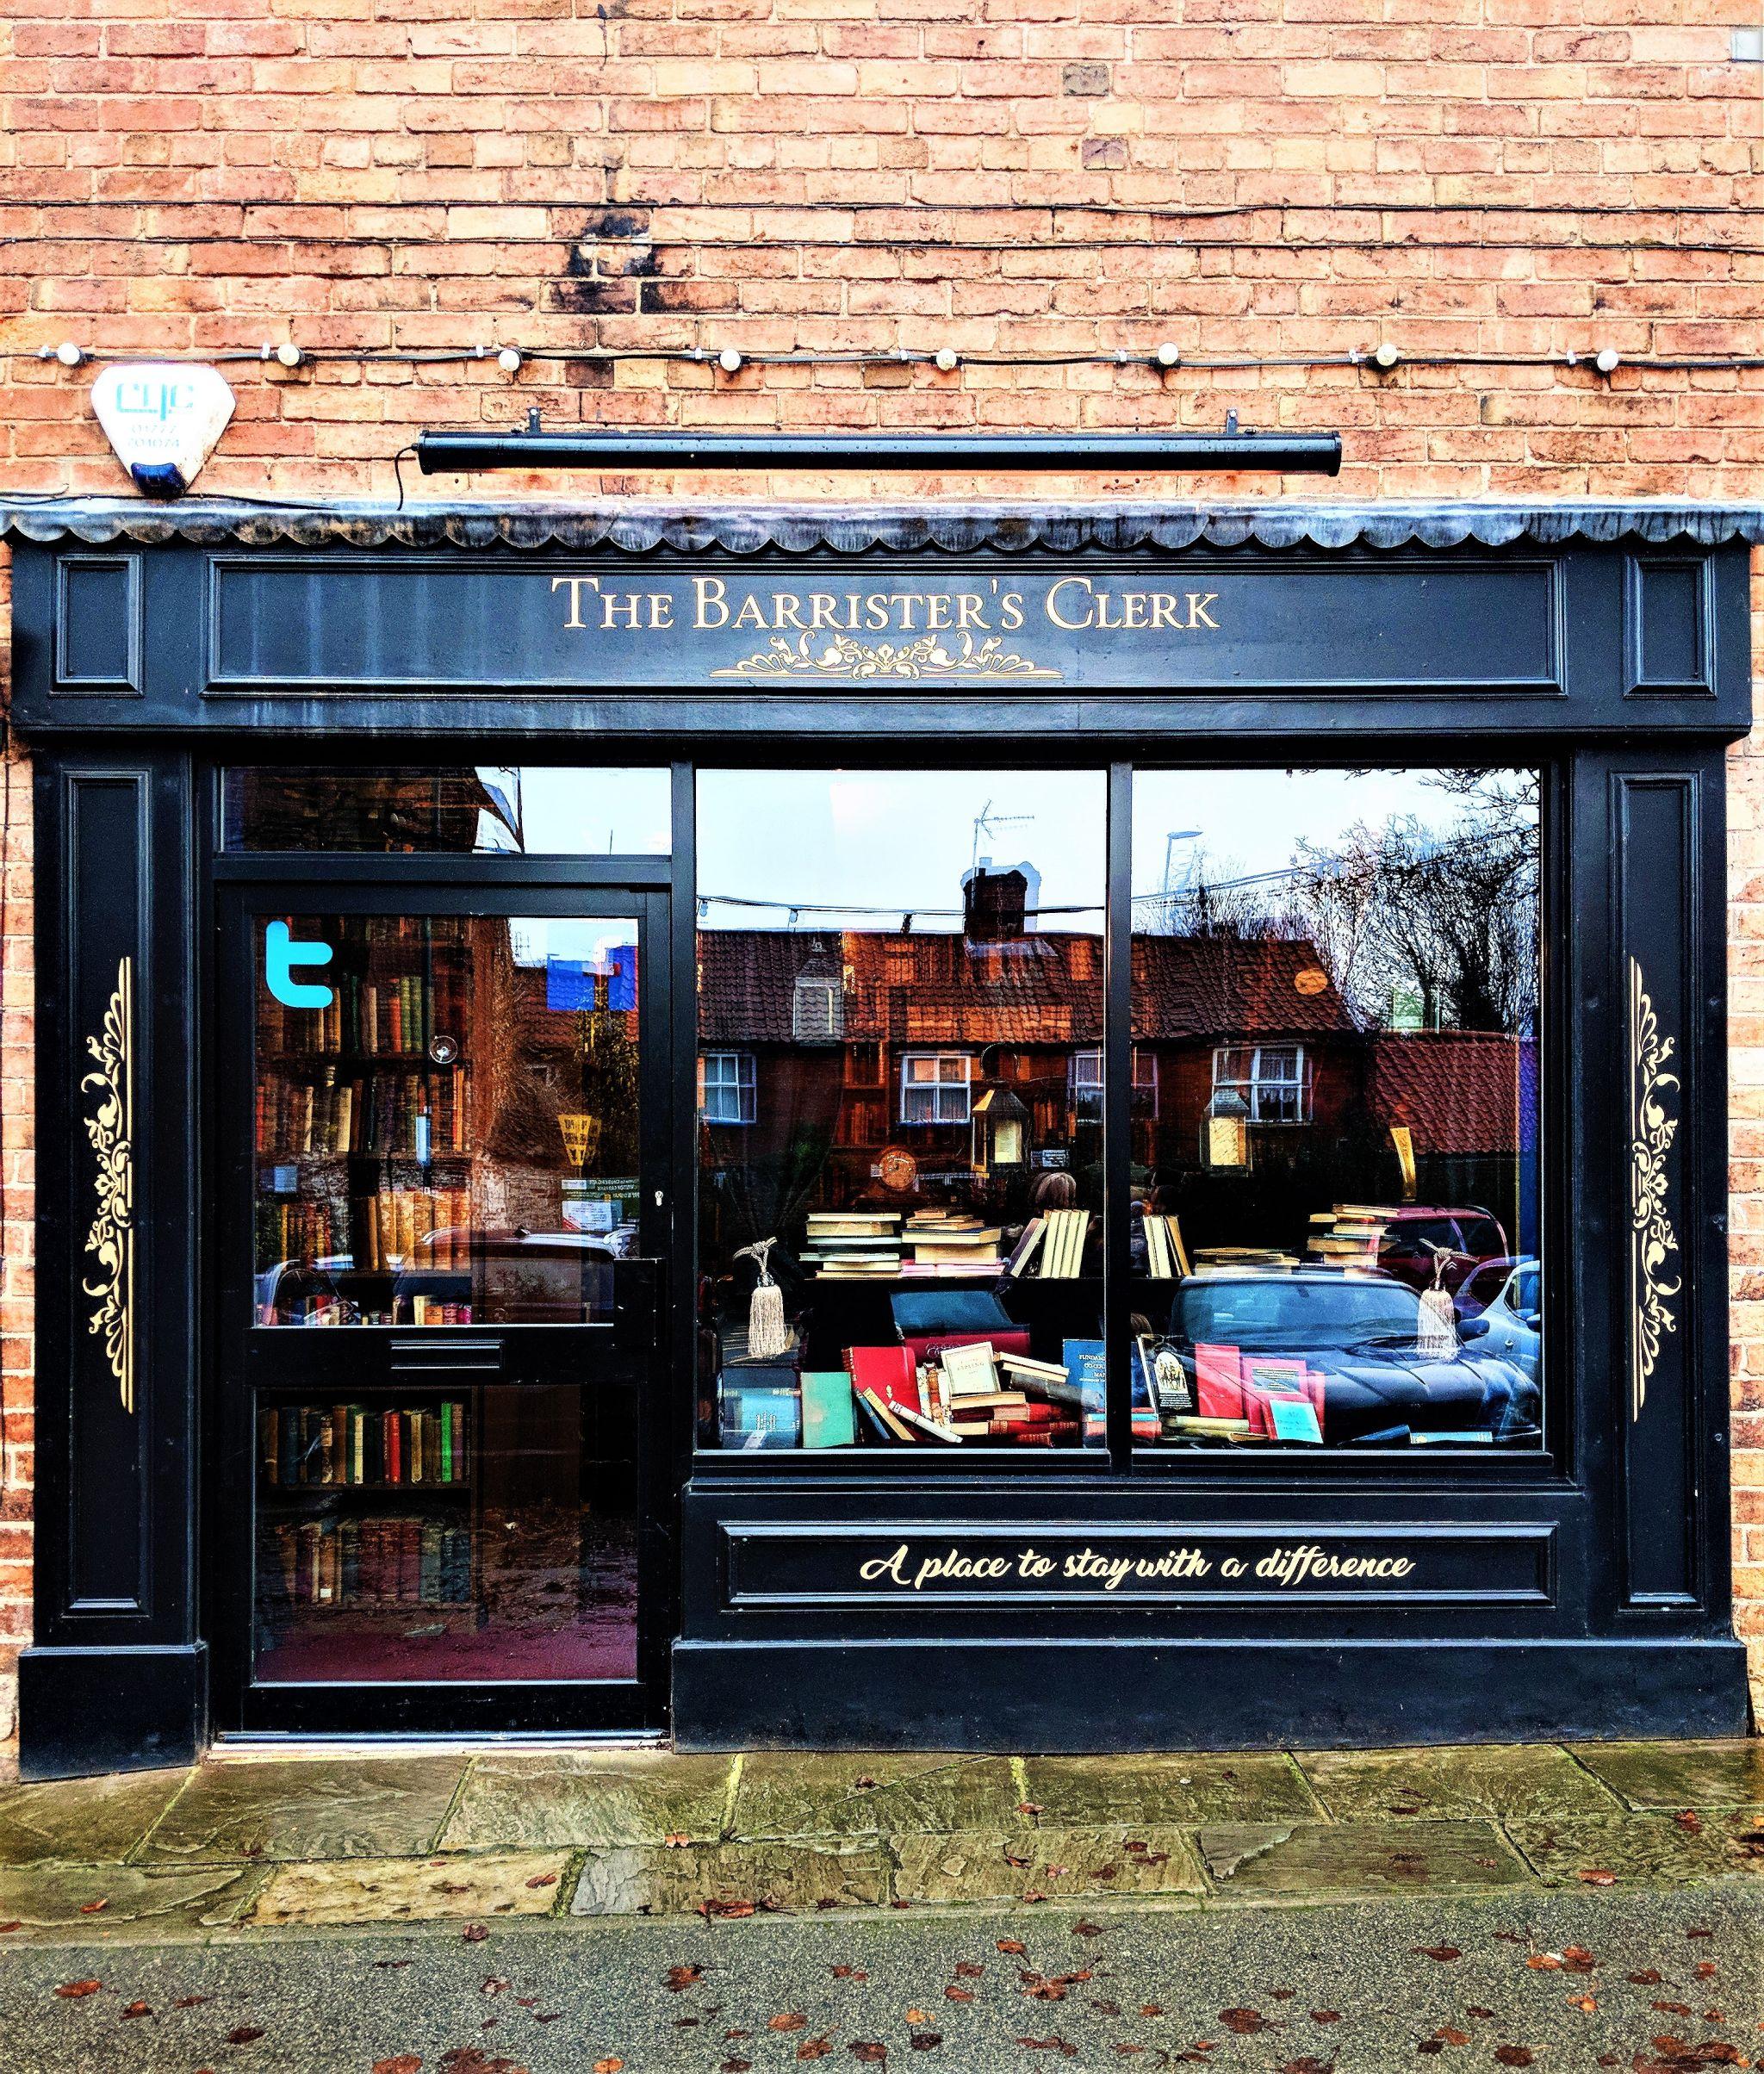 The Barrister's Clerk Retford